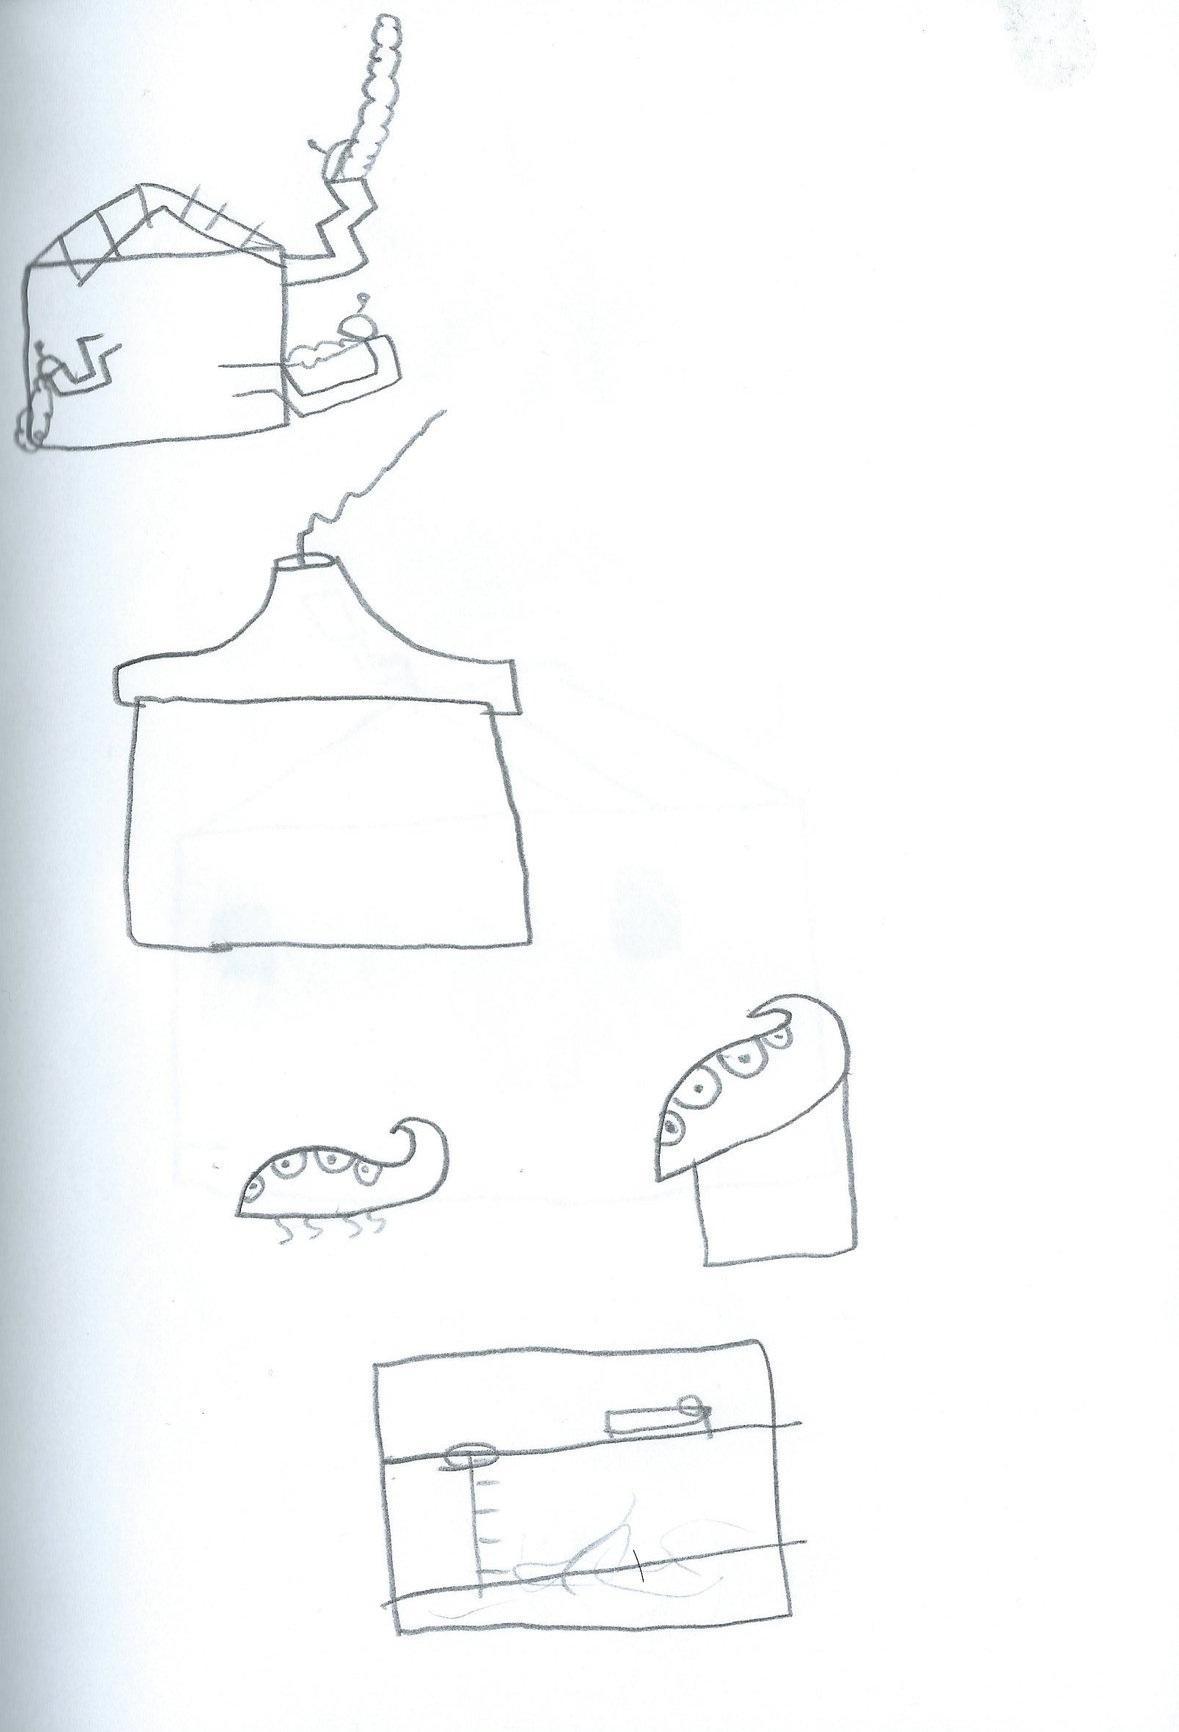 Architecture-Idea.JPG